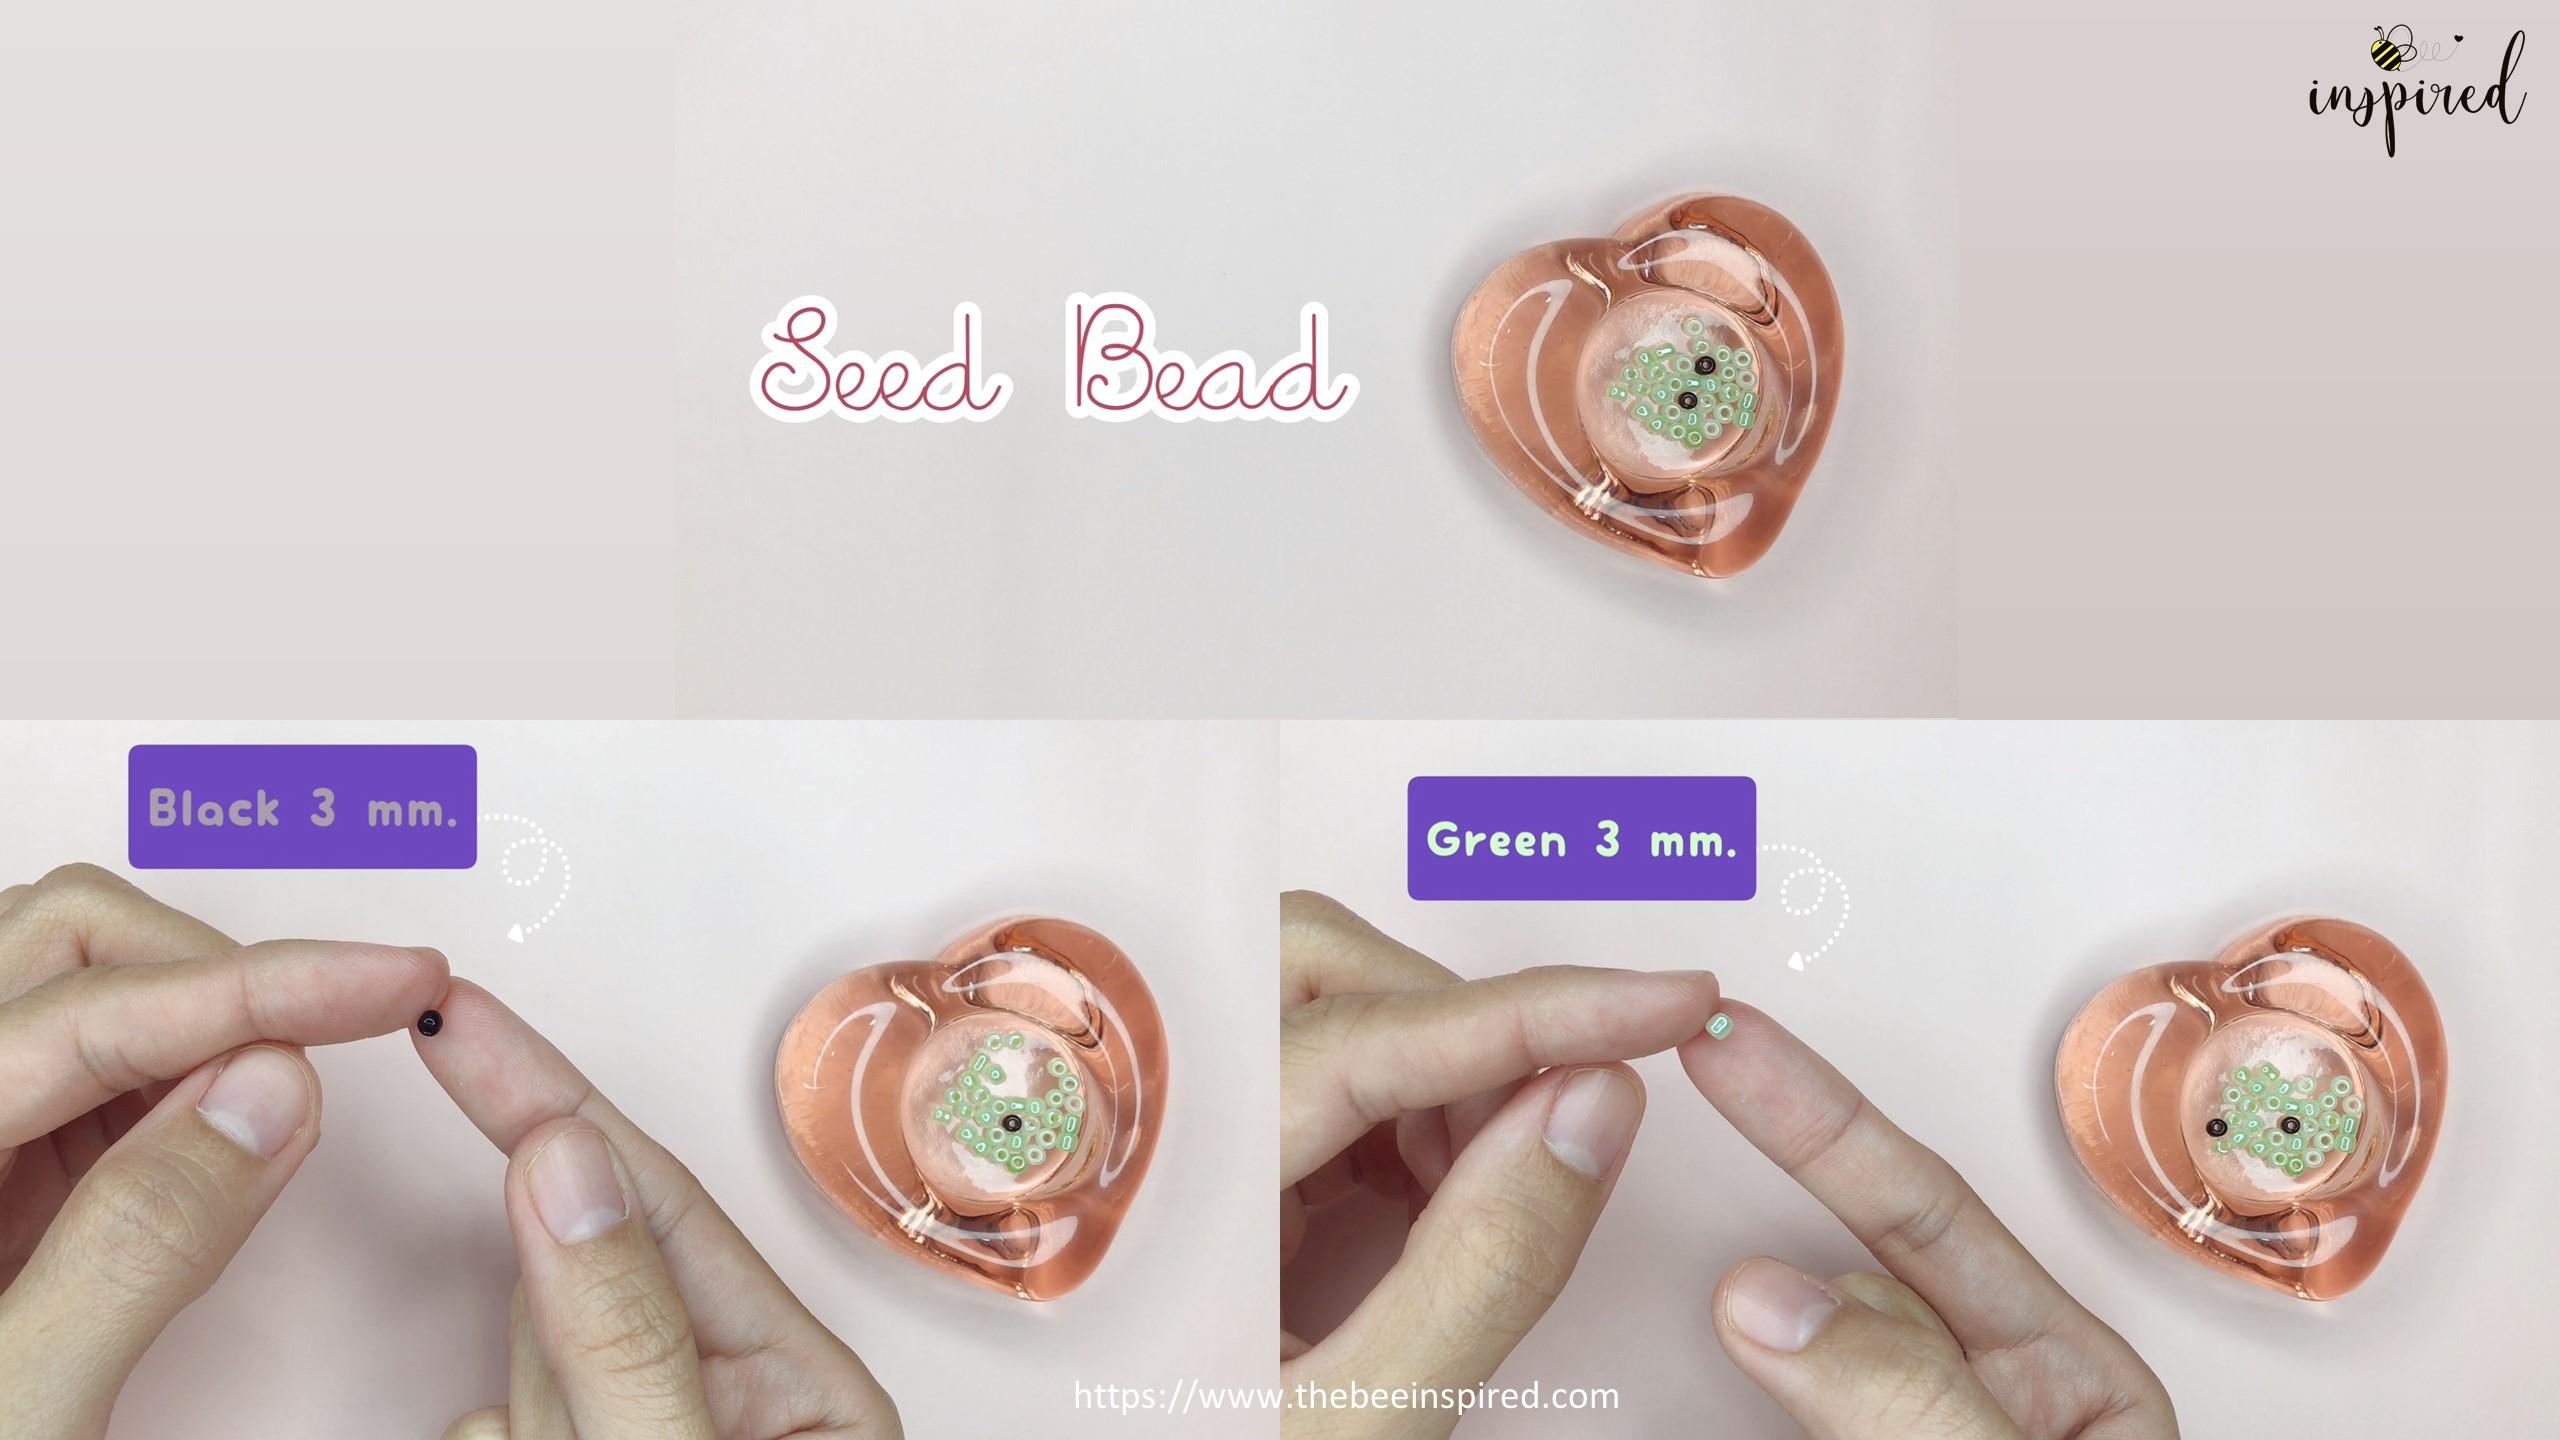 สอนร้อยแหวนลูกปัดลายกบ Kero ทำง่ายๆ สไตล์เกาหลี - How to Make Kero Frog Beaded Ring_Equipment_1